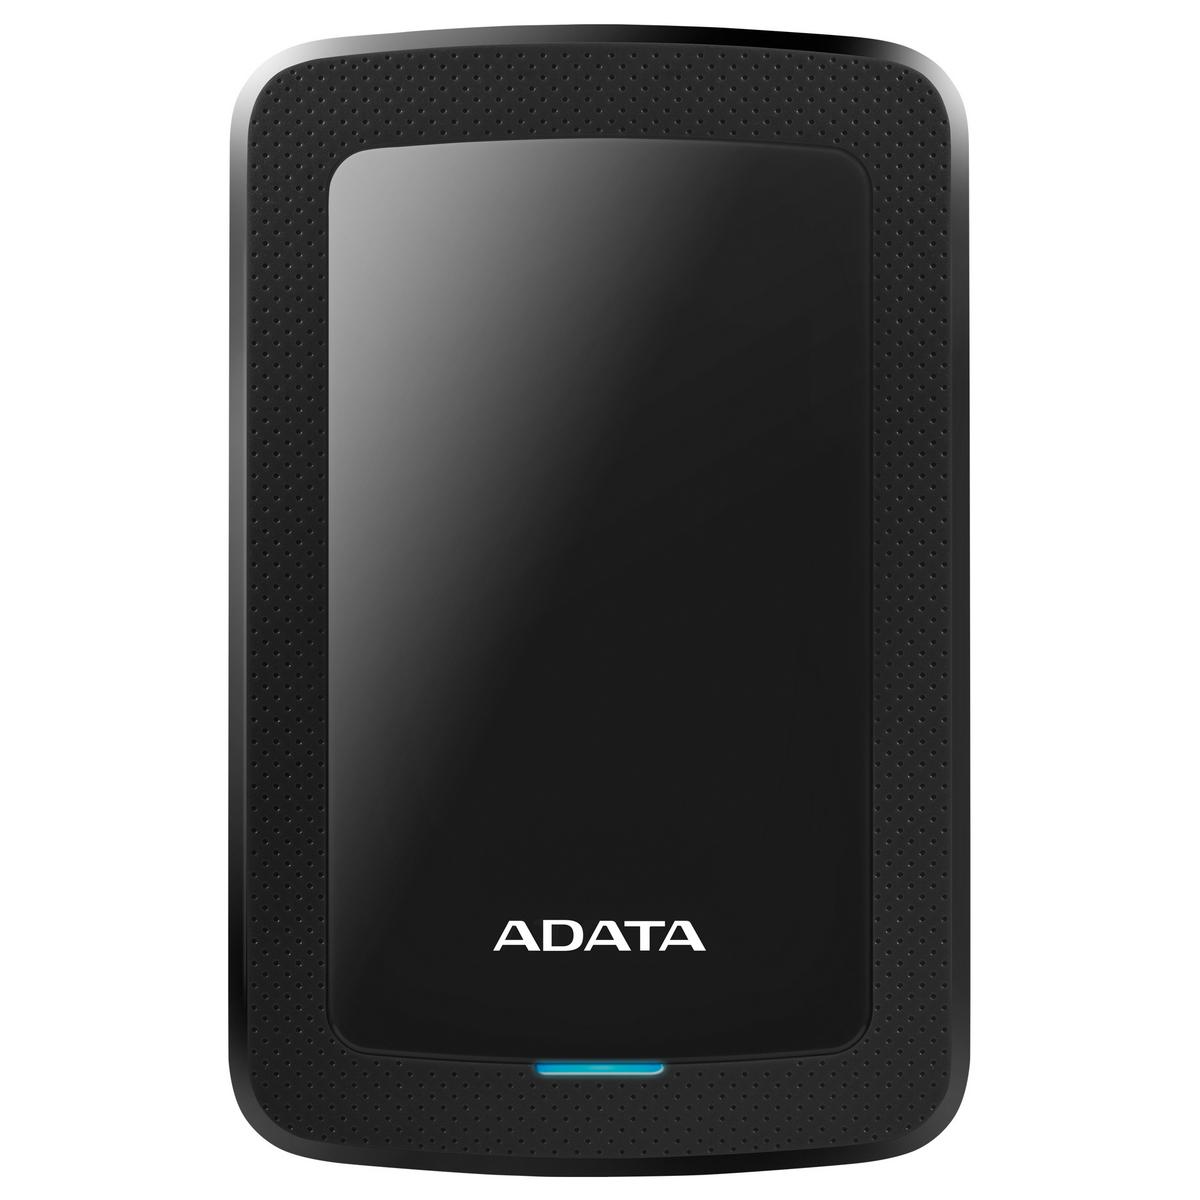 ADATA bemutatta a HV300 és a HD330 külső merevlemezeket